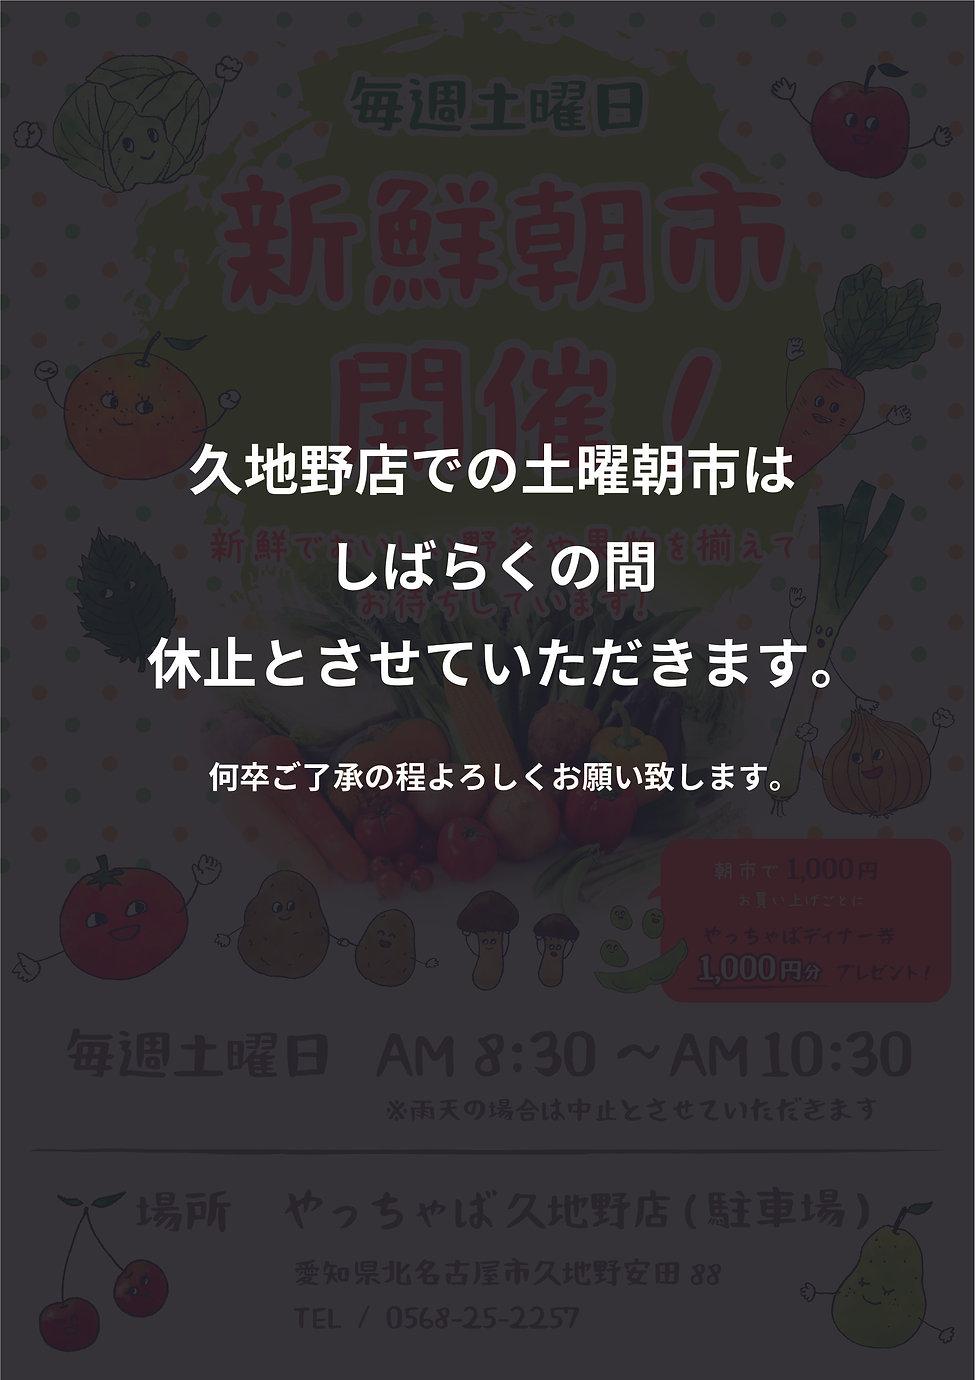 新鮮朝市チラシ(HP用)休止のお知らせ.jpg